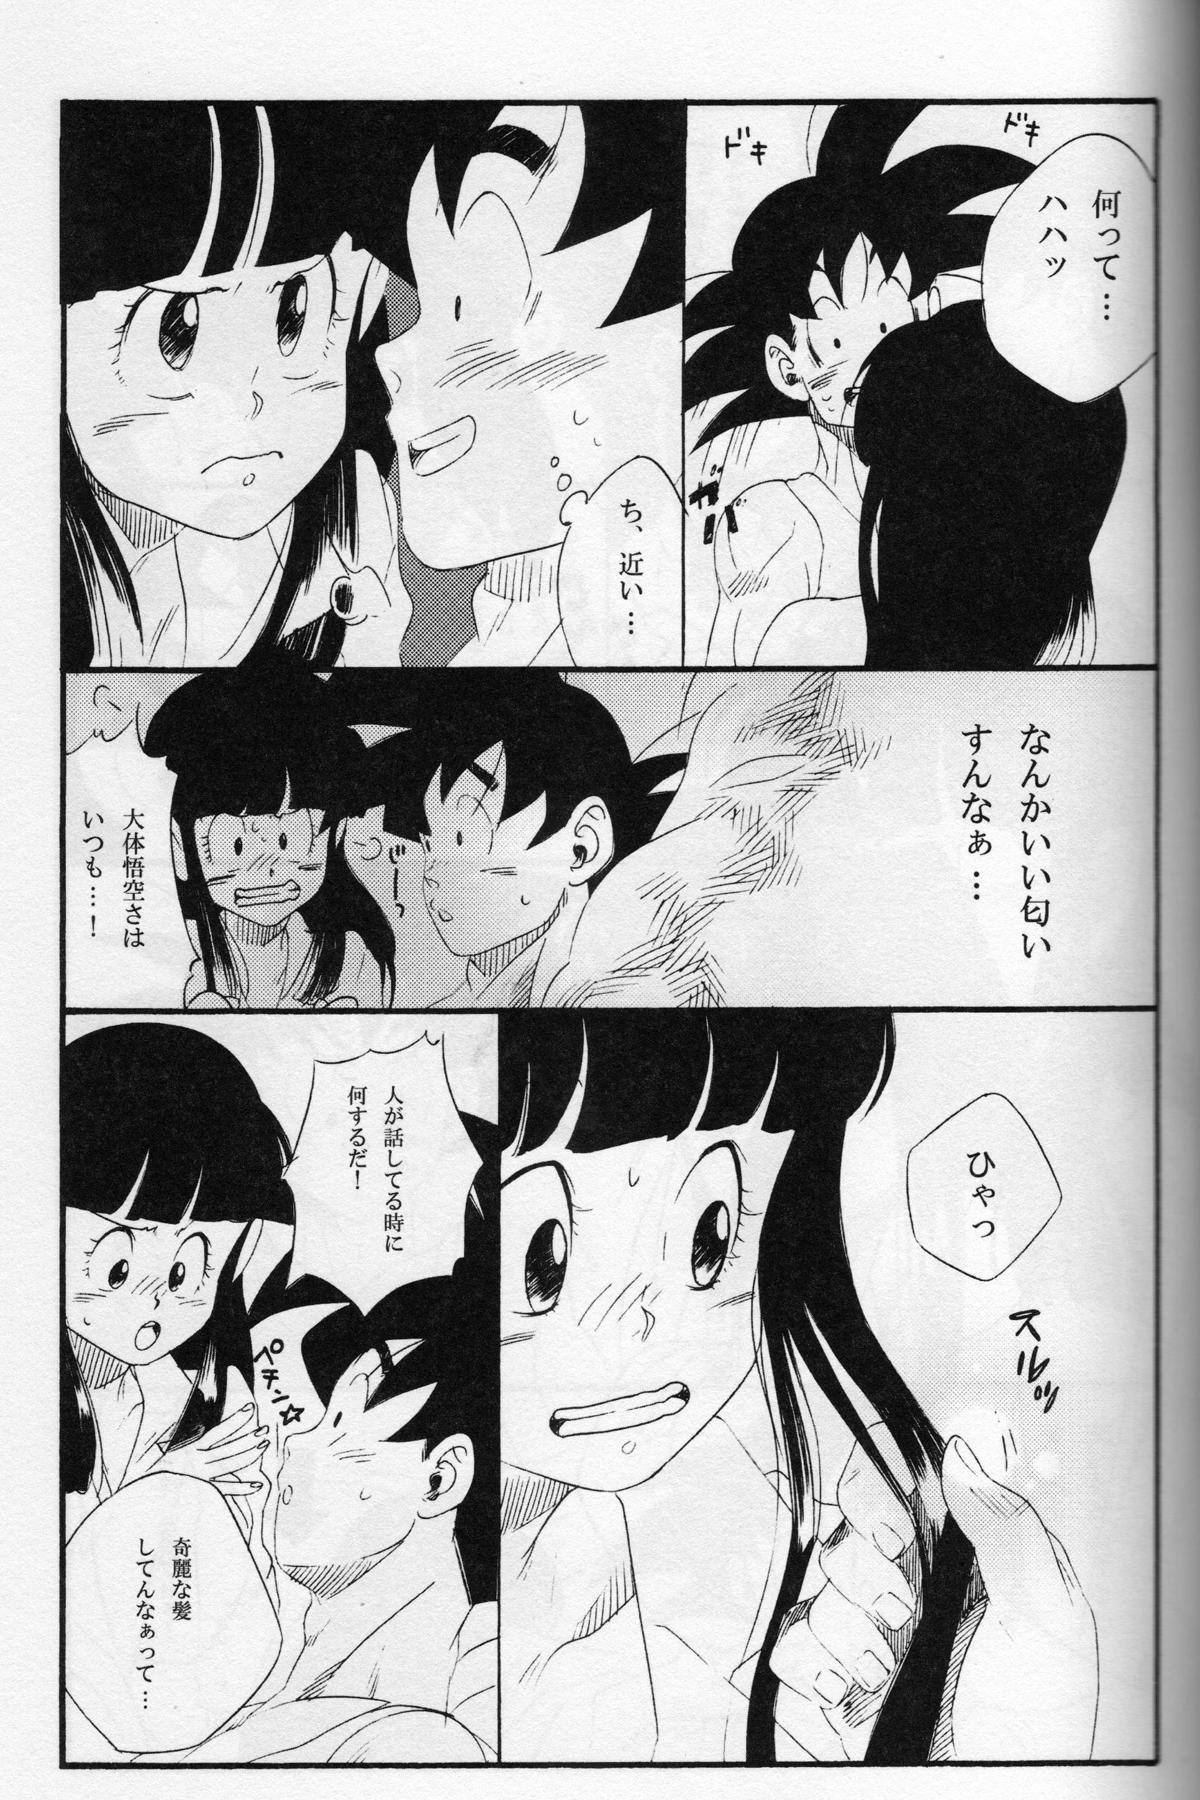 Shinmai Teishu to Koinyobo Z 13